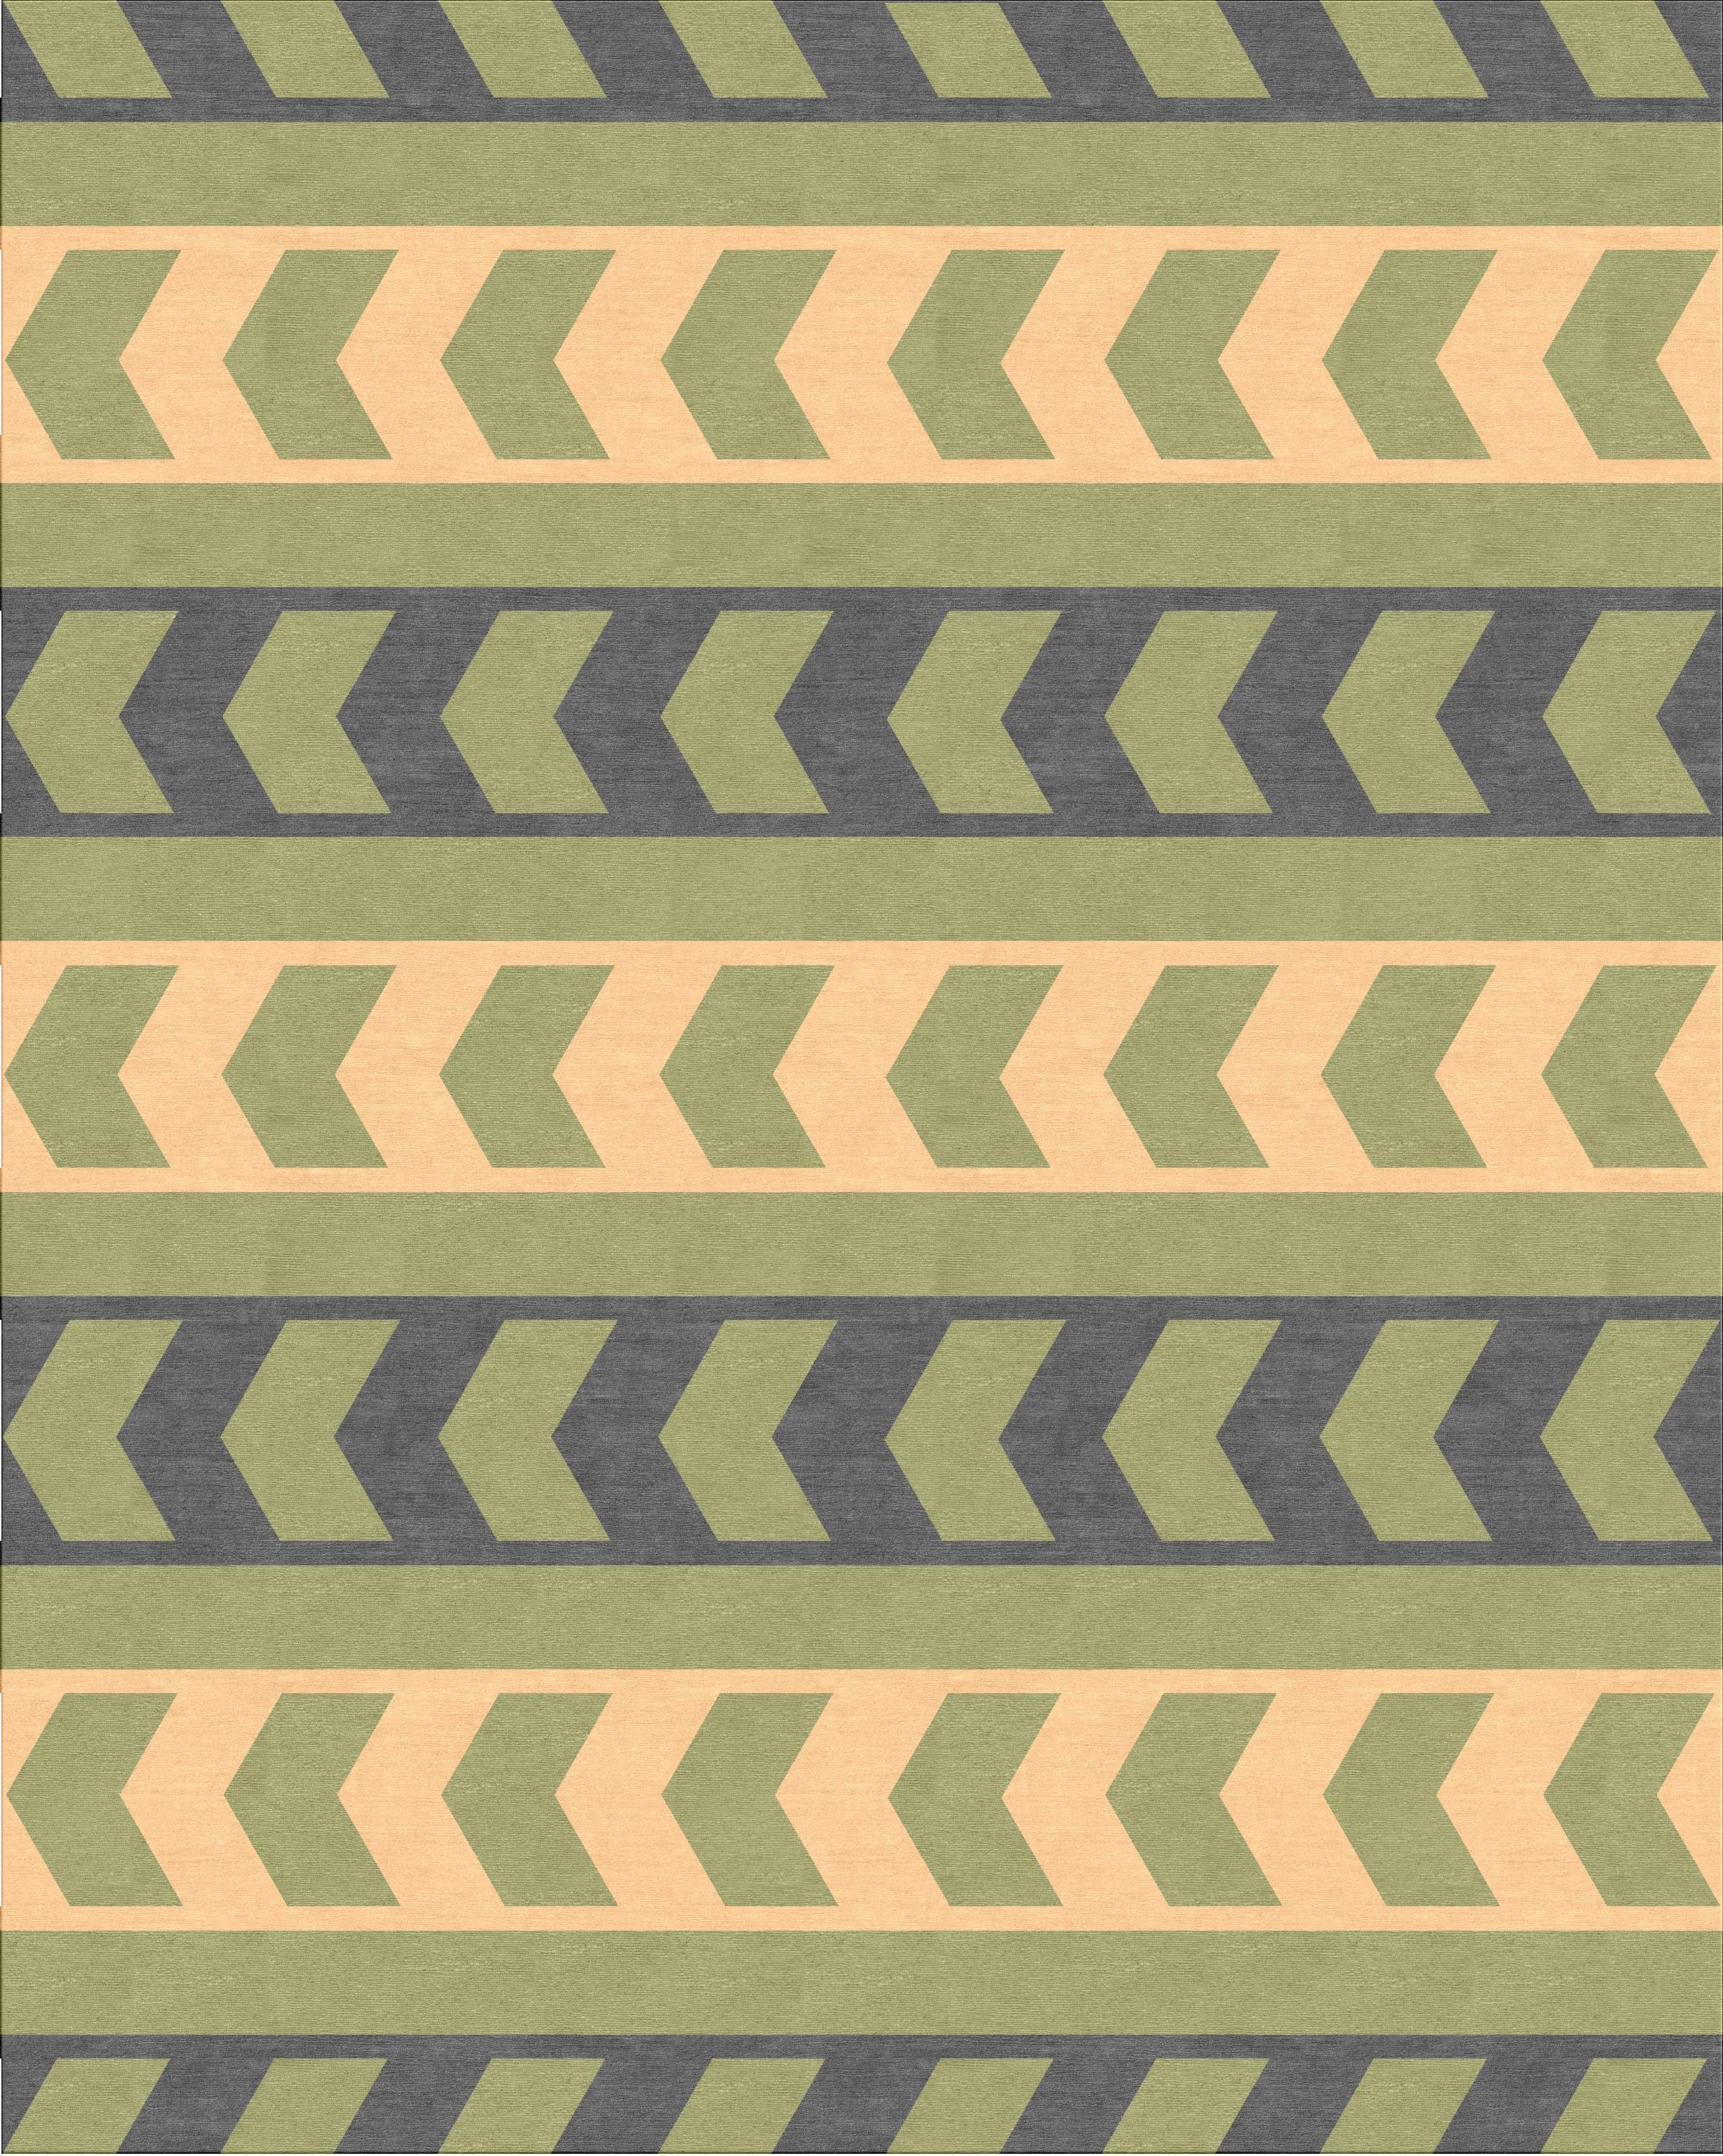 Zag Stripe (Vintage)